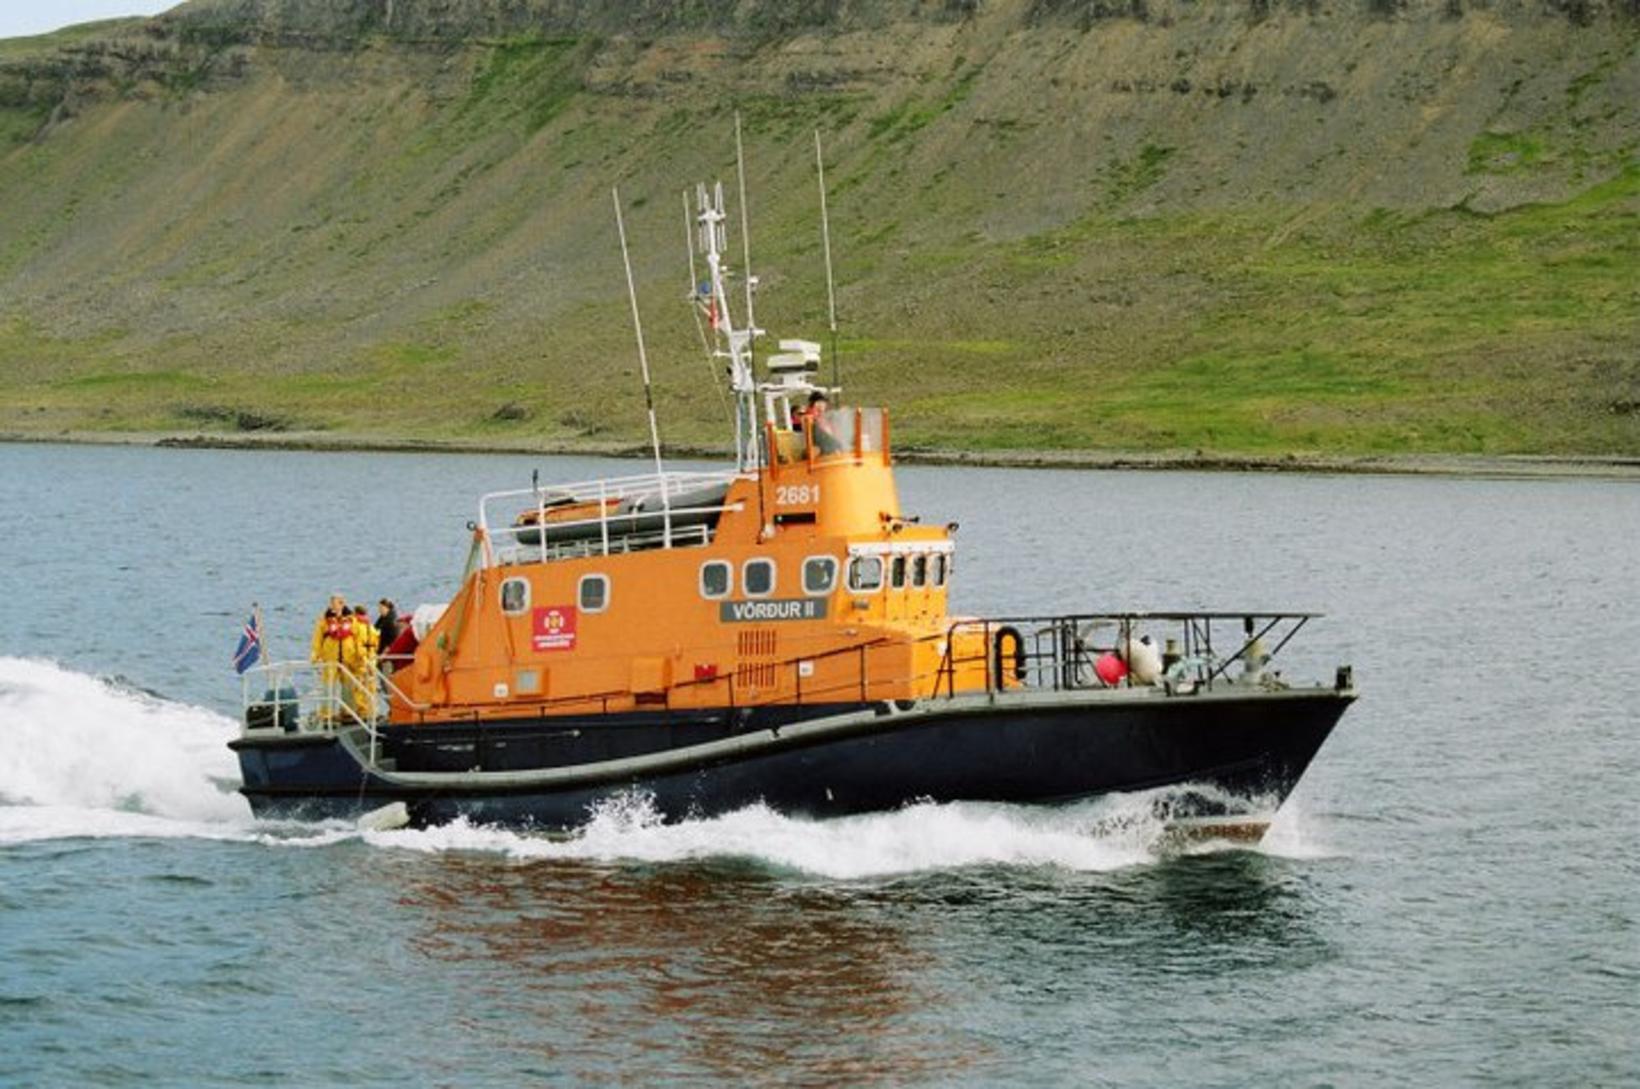 Björgunarskipið Vörður II.